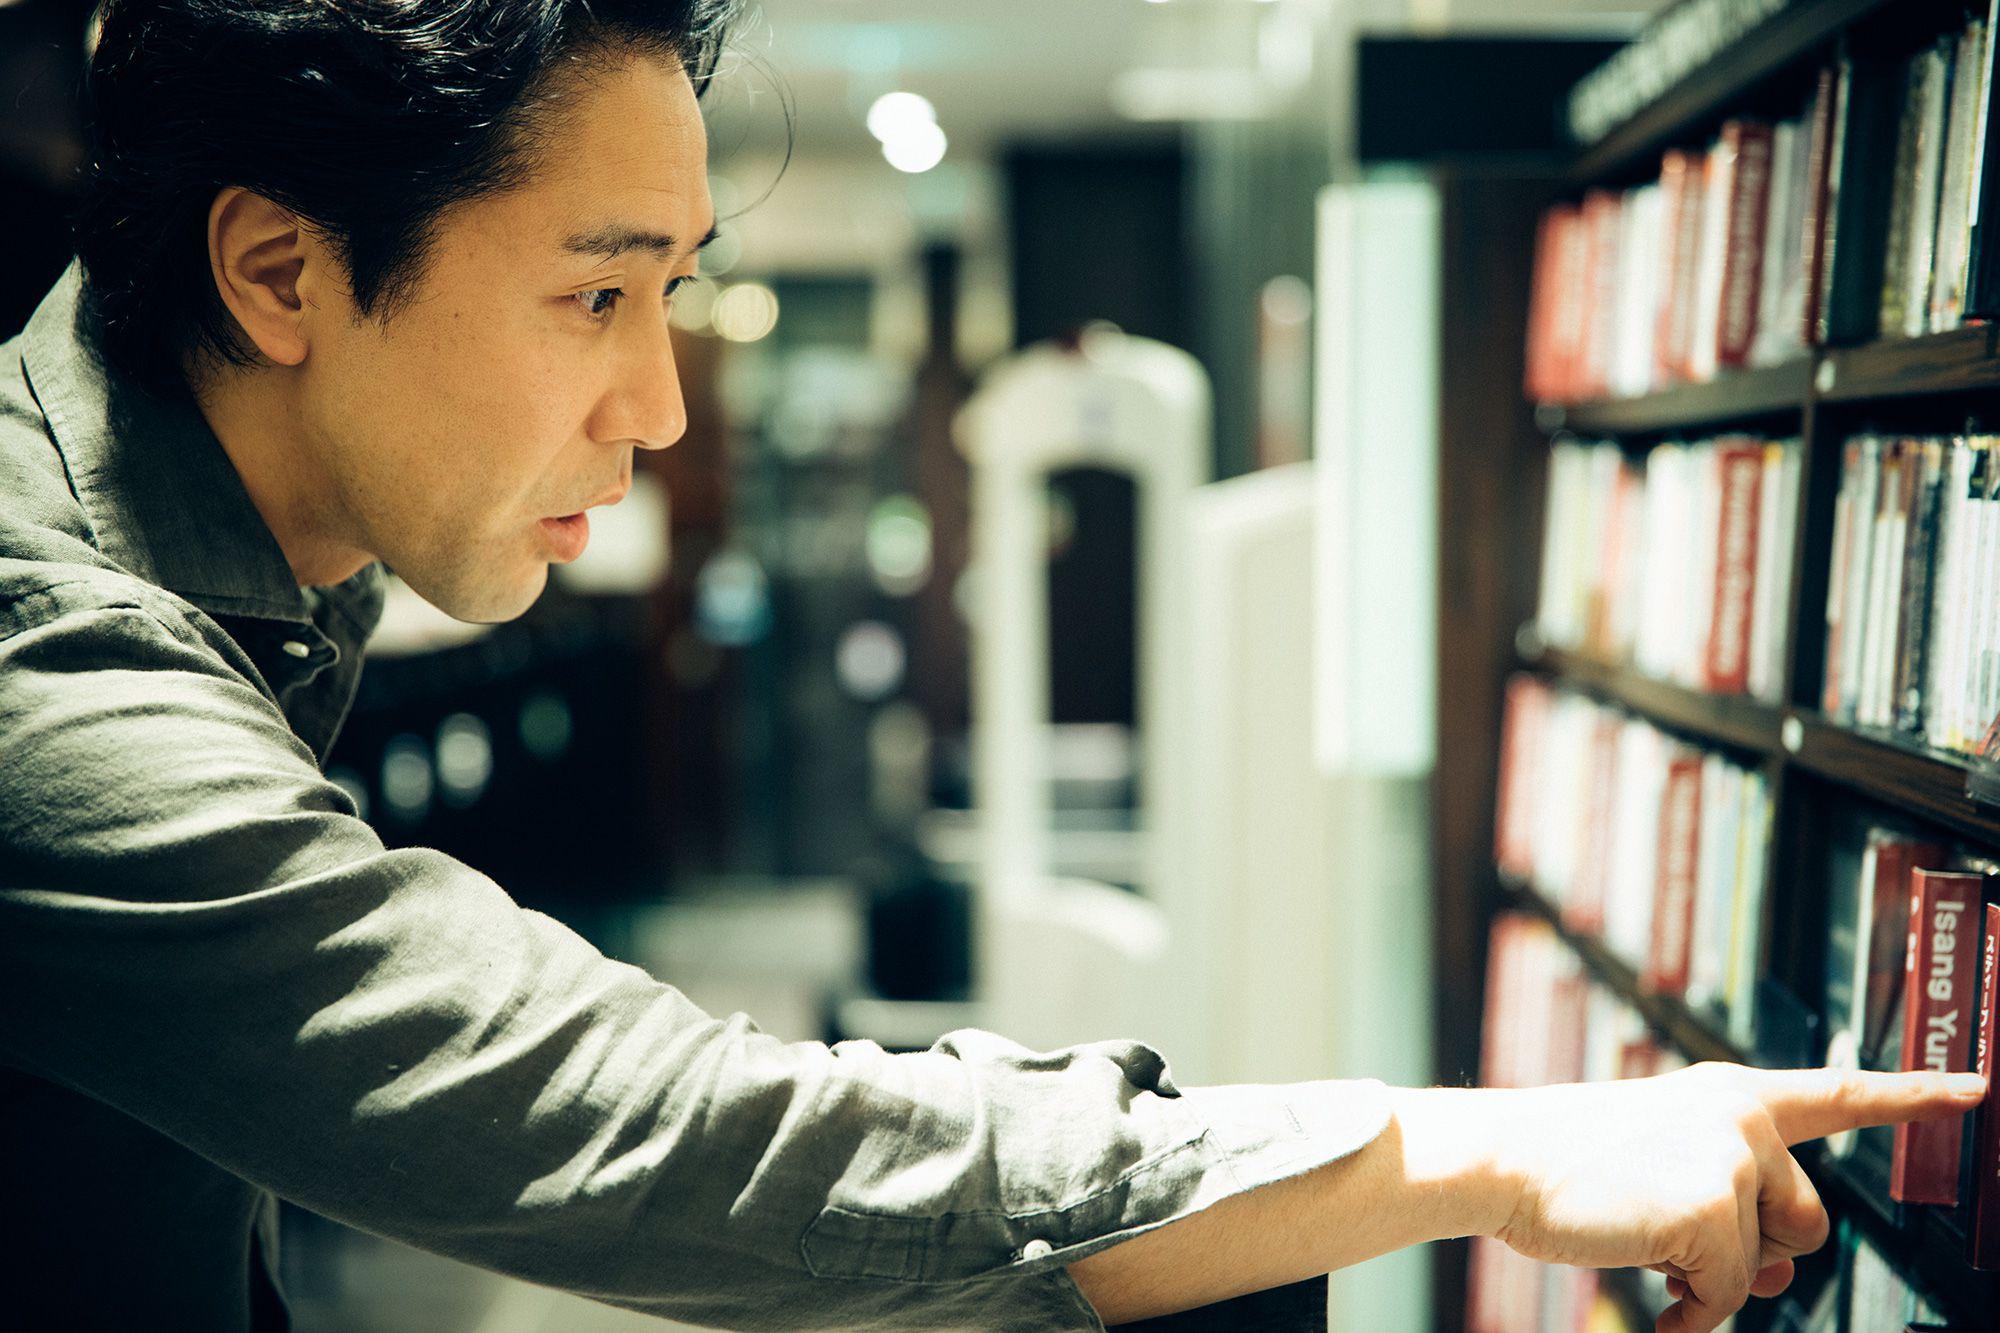 「現代音楽のCDも豊富で、いつも発見があるんです」と熱心にお目当てを探す。